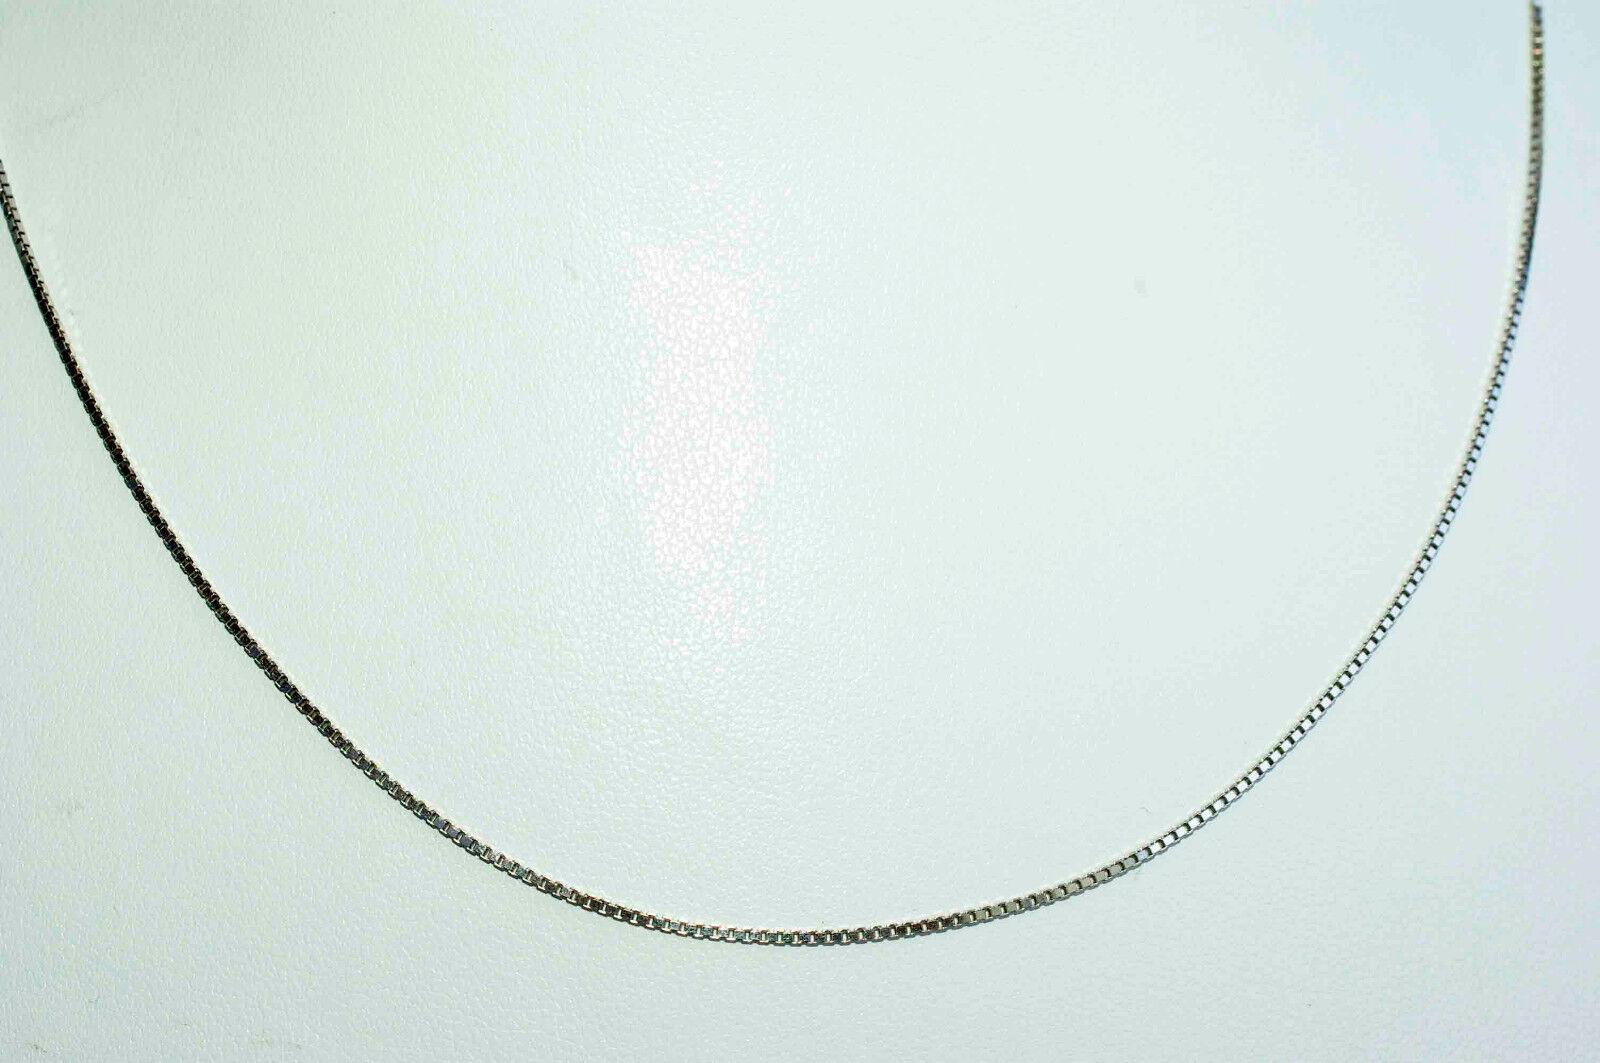 50 cm molto sottili sottili sottili veneziani CATENA 750 oro BIANCO 18 KT COLLANA lei + LUI NUOVO 4f200f